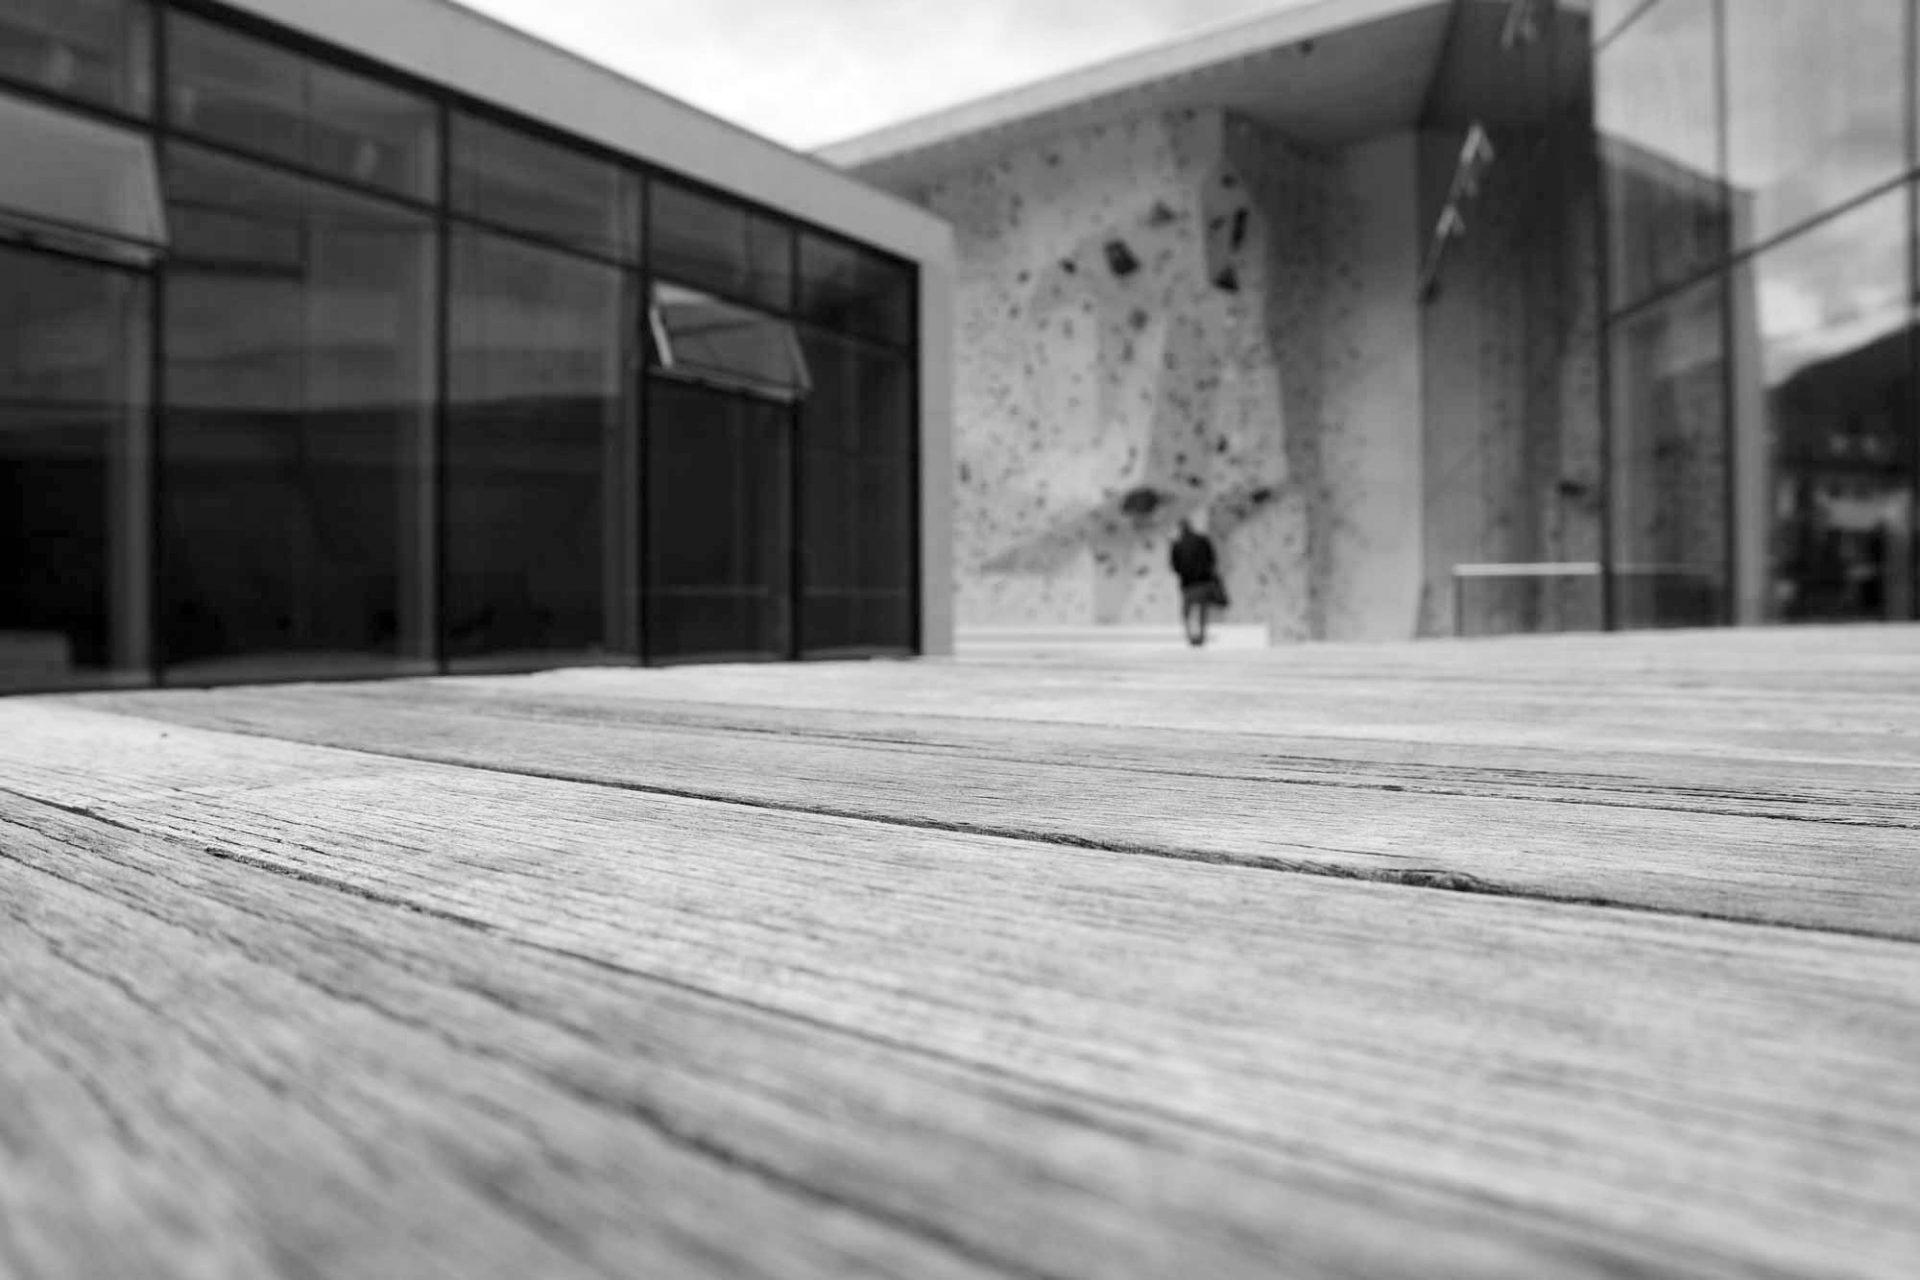 Kletterzentrum Bruneck.  Die Anlage überzeugt besonders durch den verdichteten Umgang mit Details und Materialien.